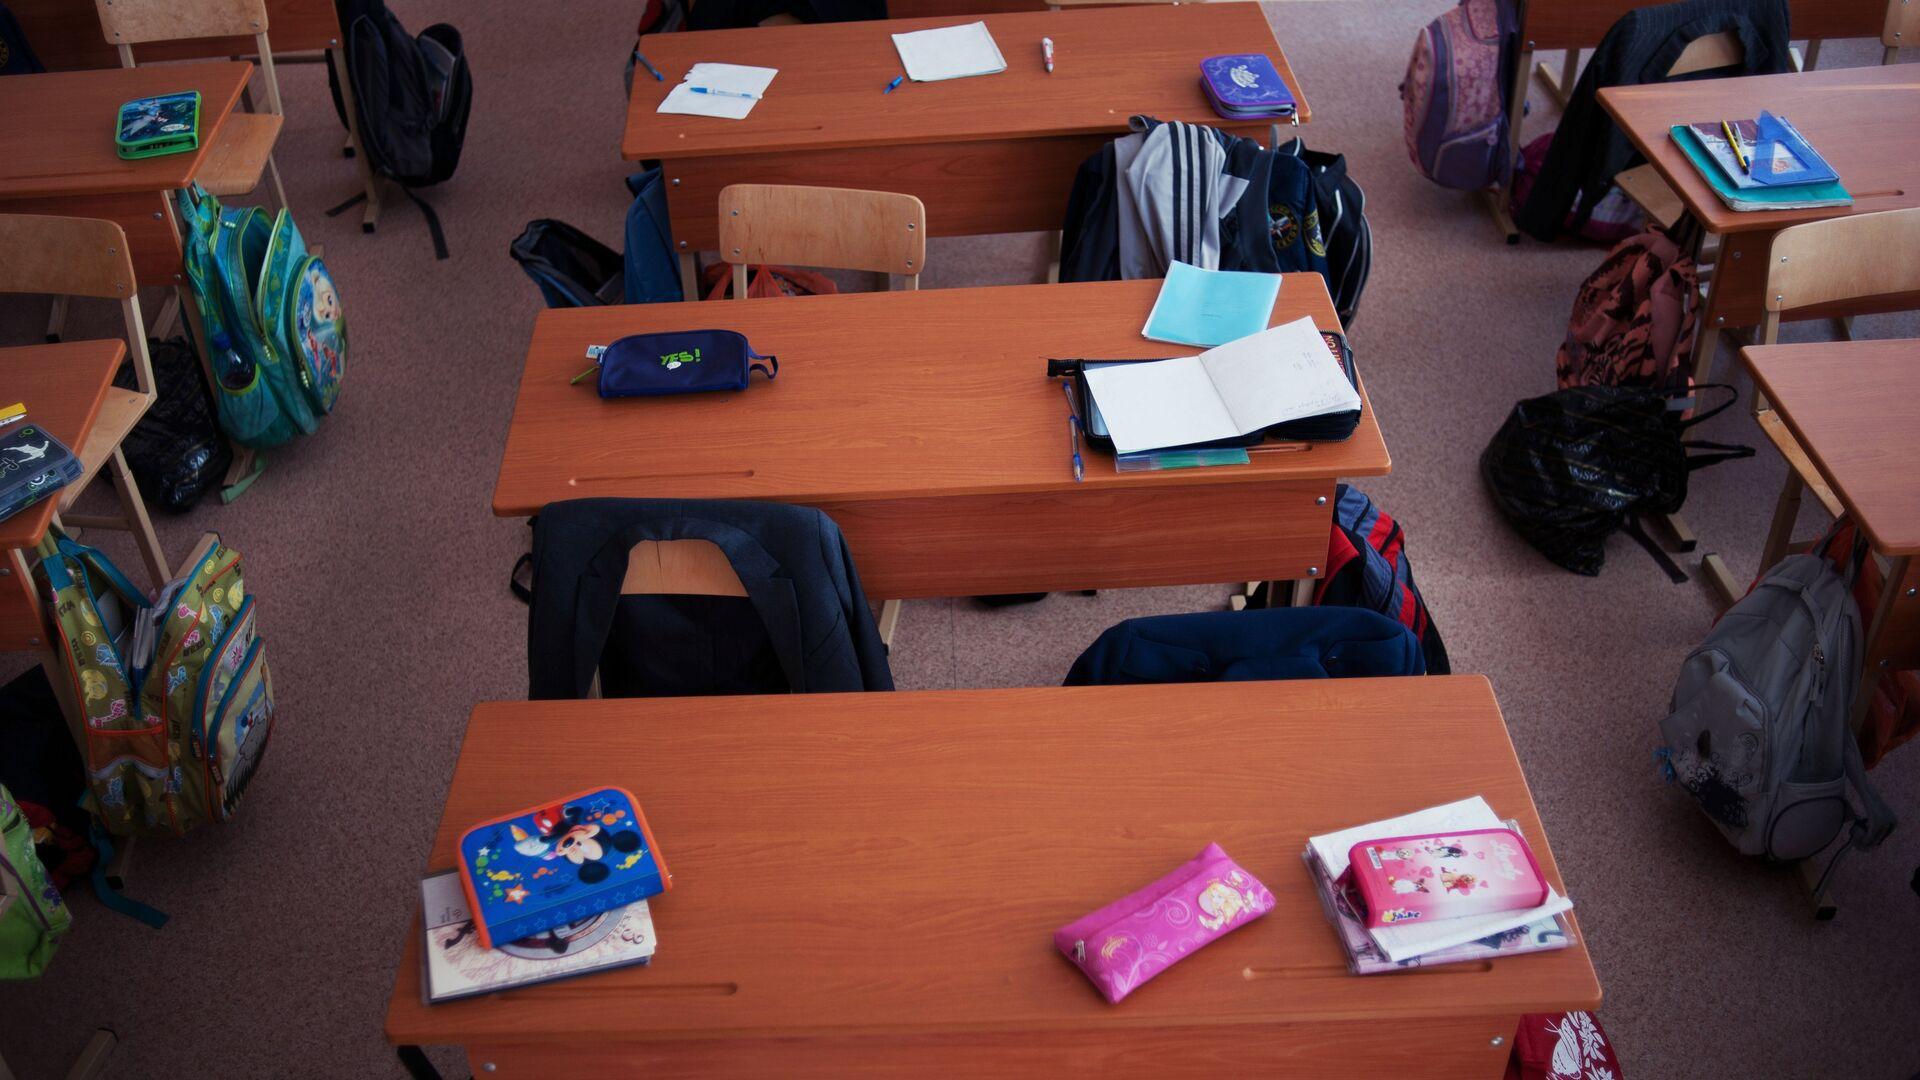 Пустые парты в школьном классе - РИА Новости, 1920, 26.04.2021